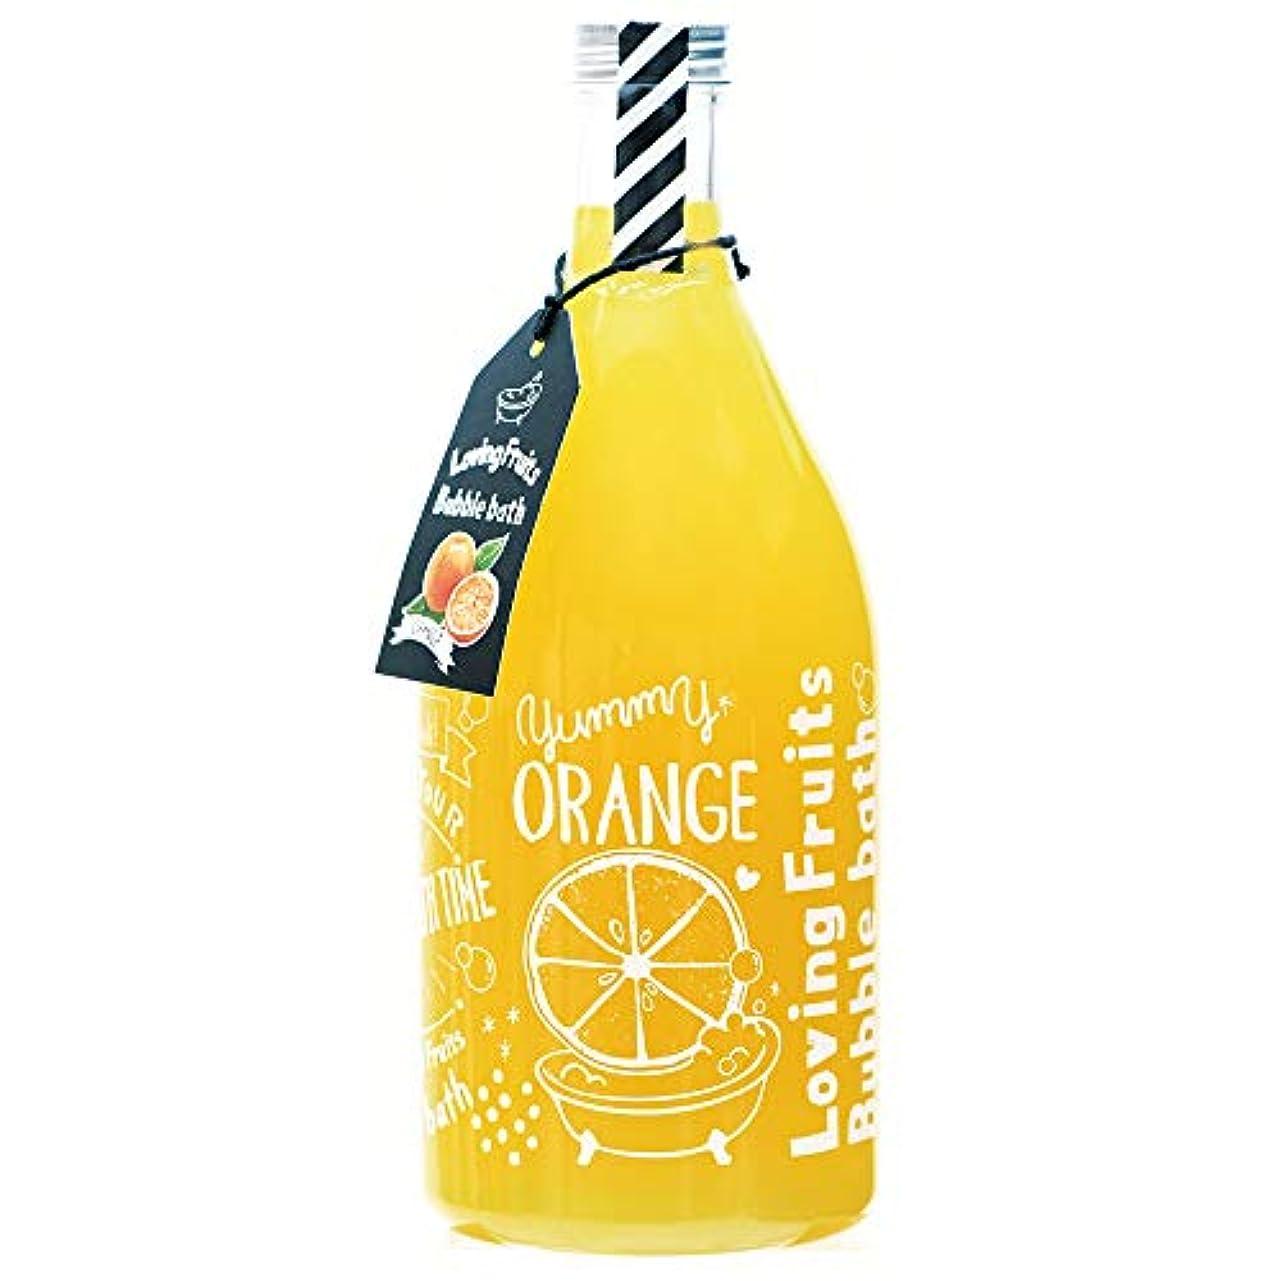 エピソード食い違いデッドノルコーポレーション バスジェル ラビングフルーツバブルバス OB-LFS-1-2 入浴剤 オレンジの香り 750ml